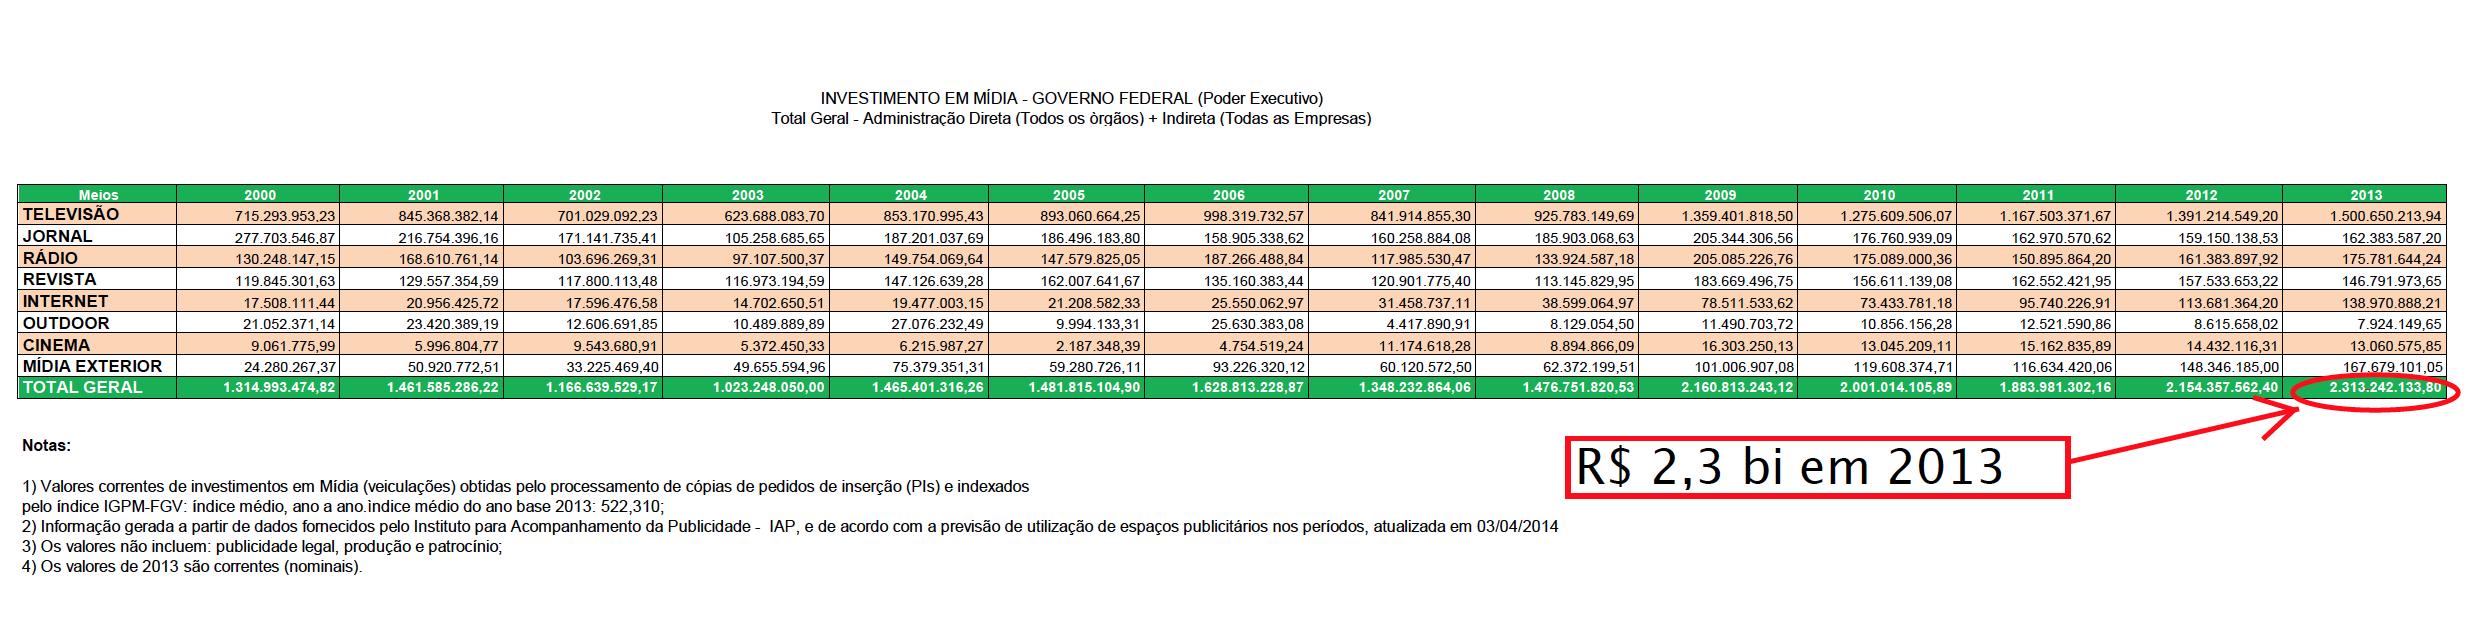 Publicidade-2013-total-administracao-direta-todos-os-orgaos-indirera-todas-as-empresas